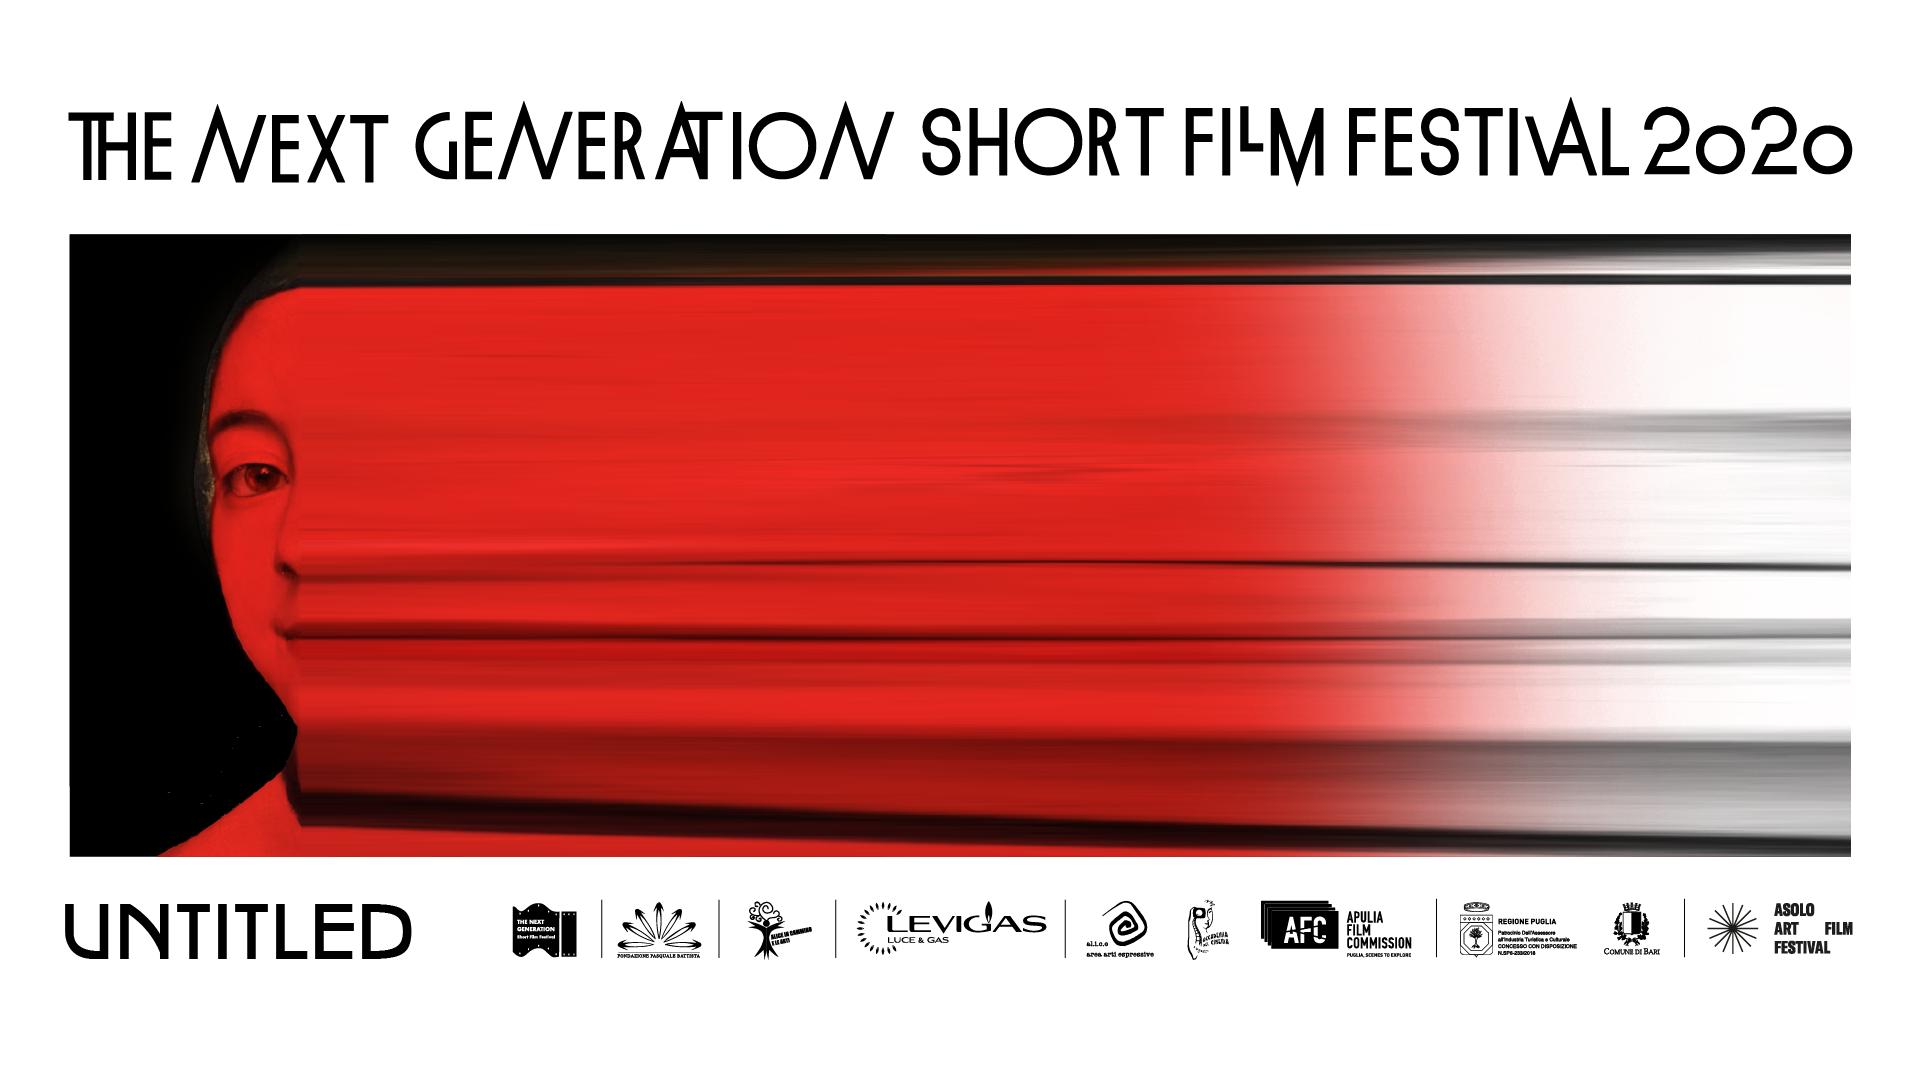 next generation short film festival 2020